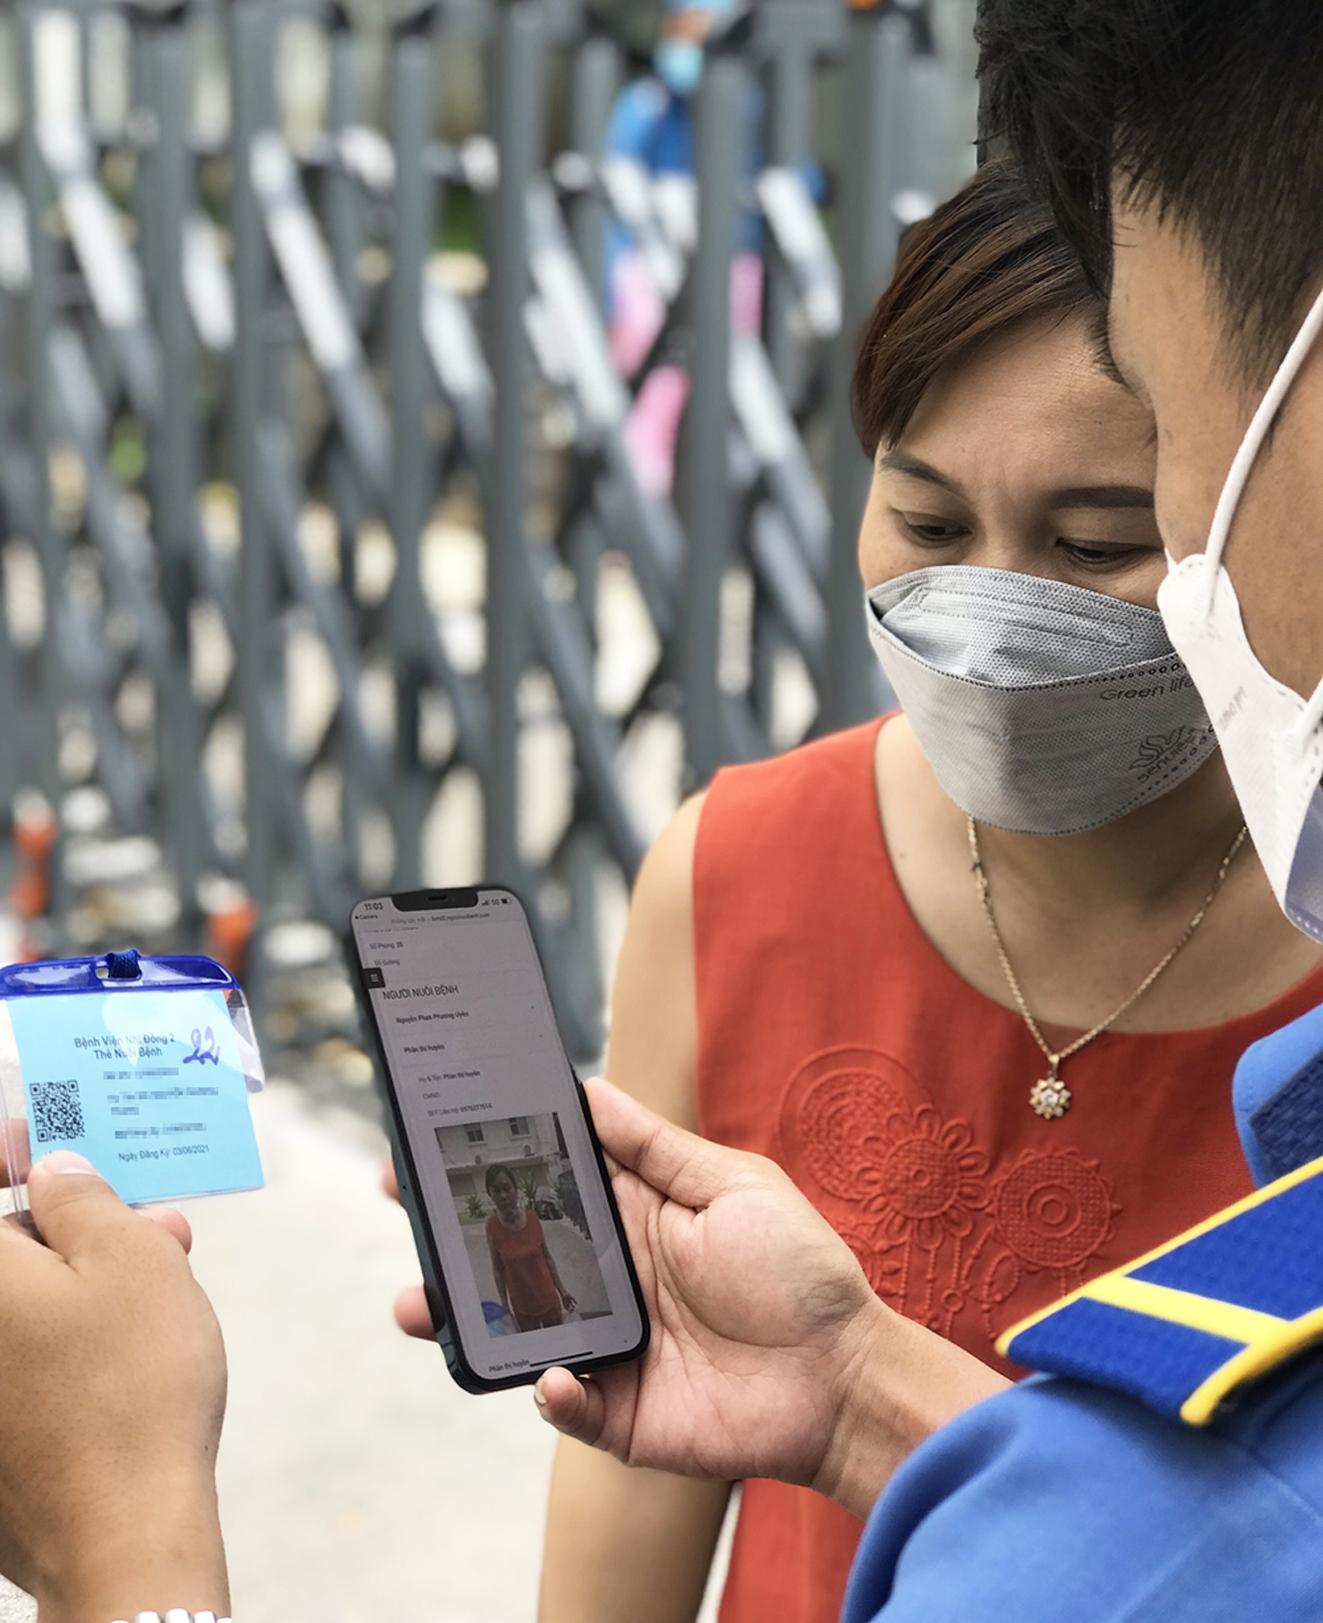 Quản lý người nuôi bệnh bằng mã code nhận diện gương mặt tại Bệnh viện Nhi Đồng 2 ẢNH: PHẠM AN